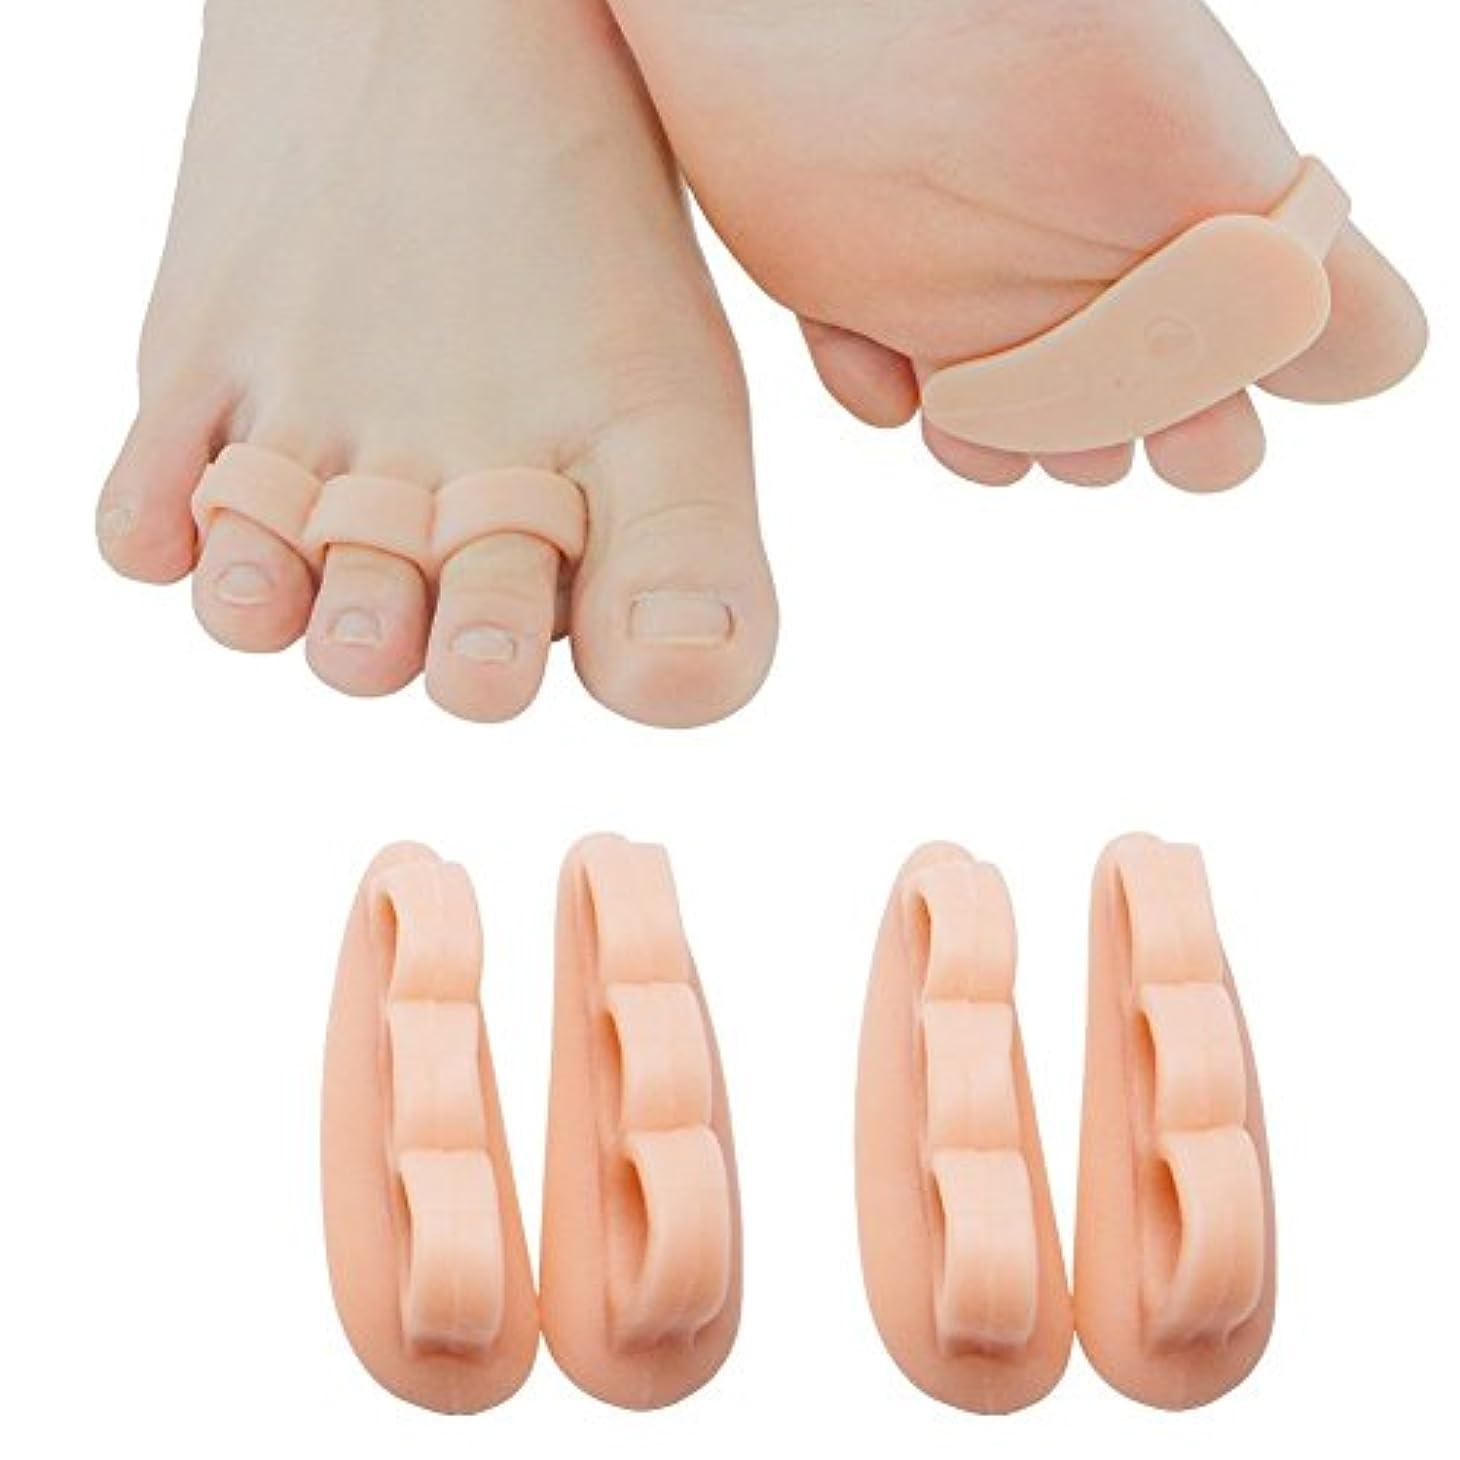 ナサニエル区つま先予想するSumifun 美脚ビューティー ヨガ 足指 パッドリコーン 足指矯正パッド 足指痛み 小指シリコンパッド 足指セパレーター (内反小趾専用)